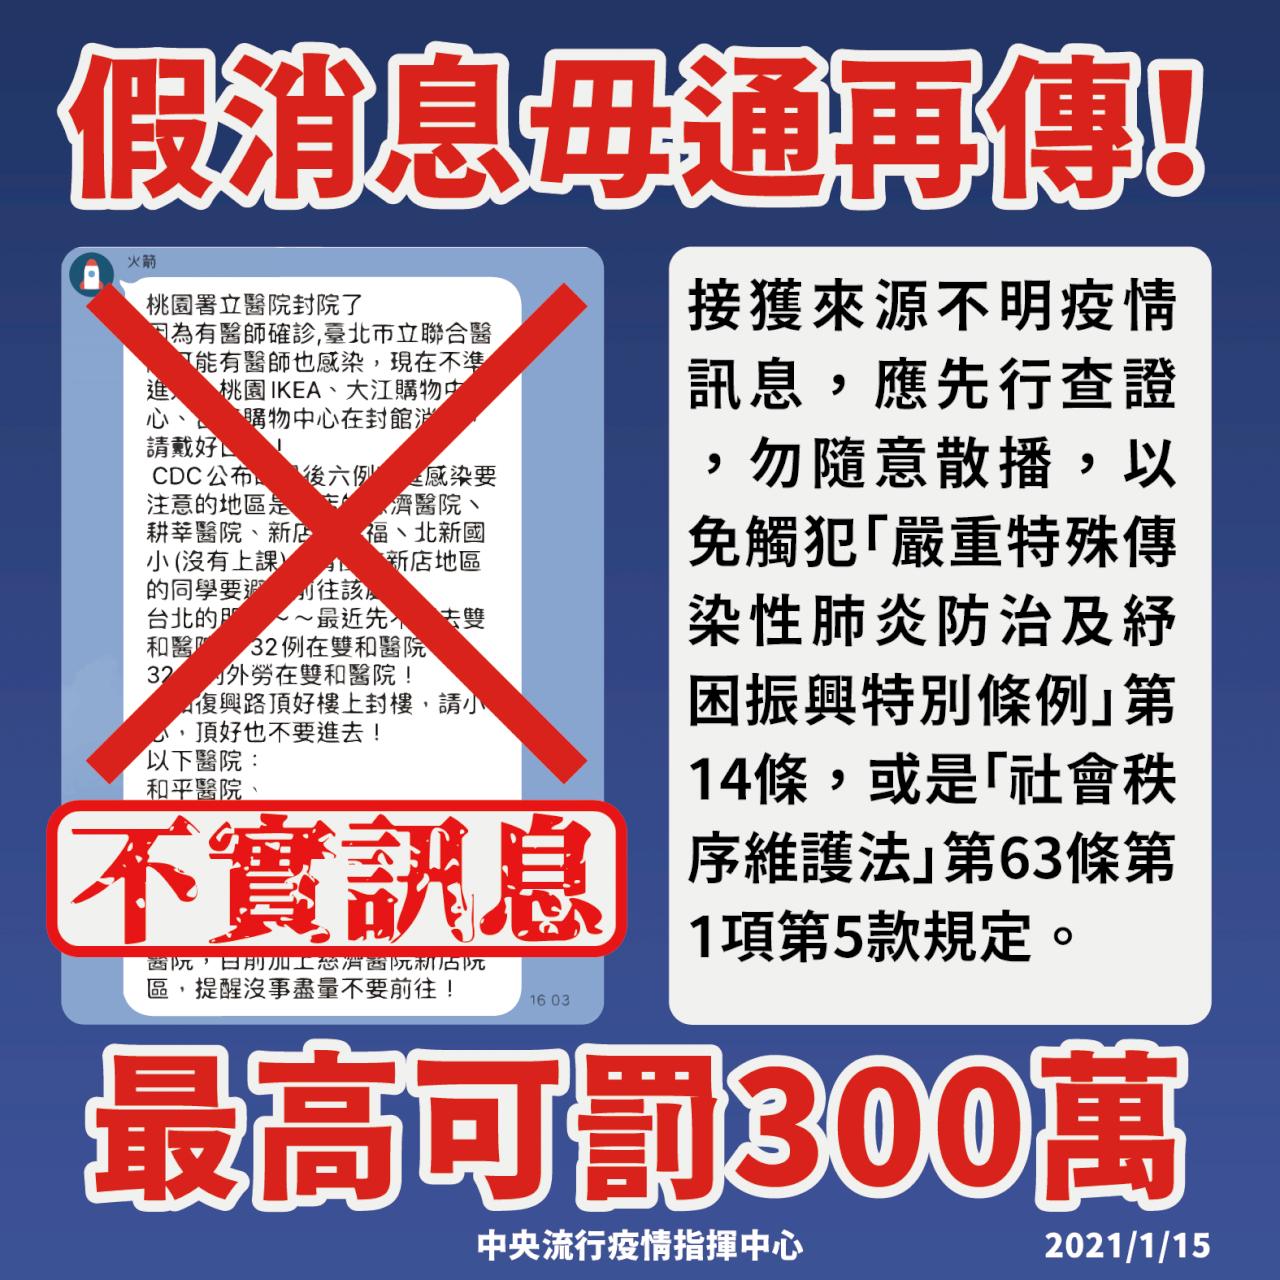 網傳「沒事不要去以下醫院」是假的 指揮中心:請勿轉傳以免觸法